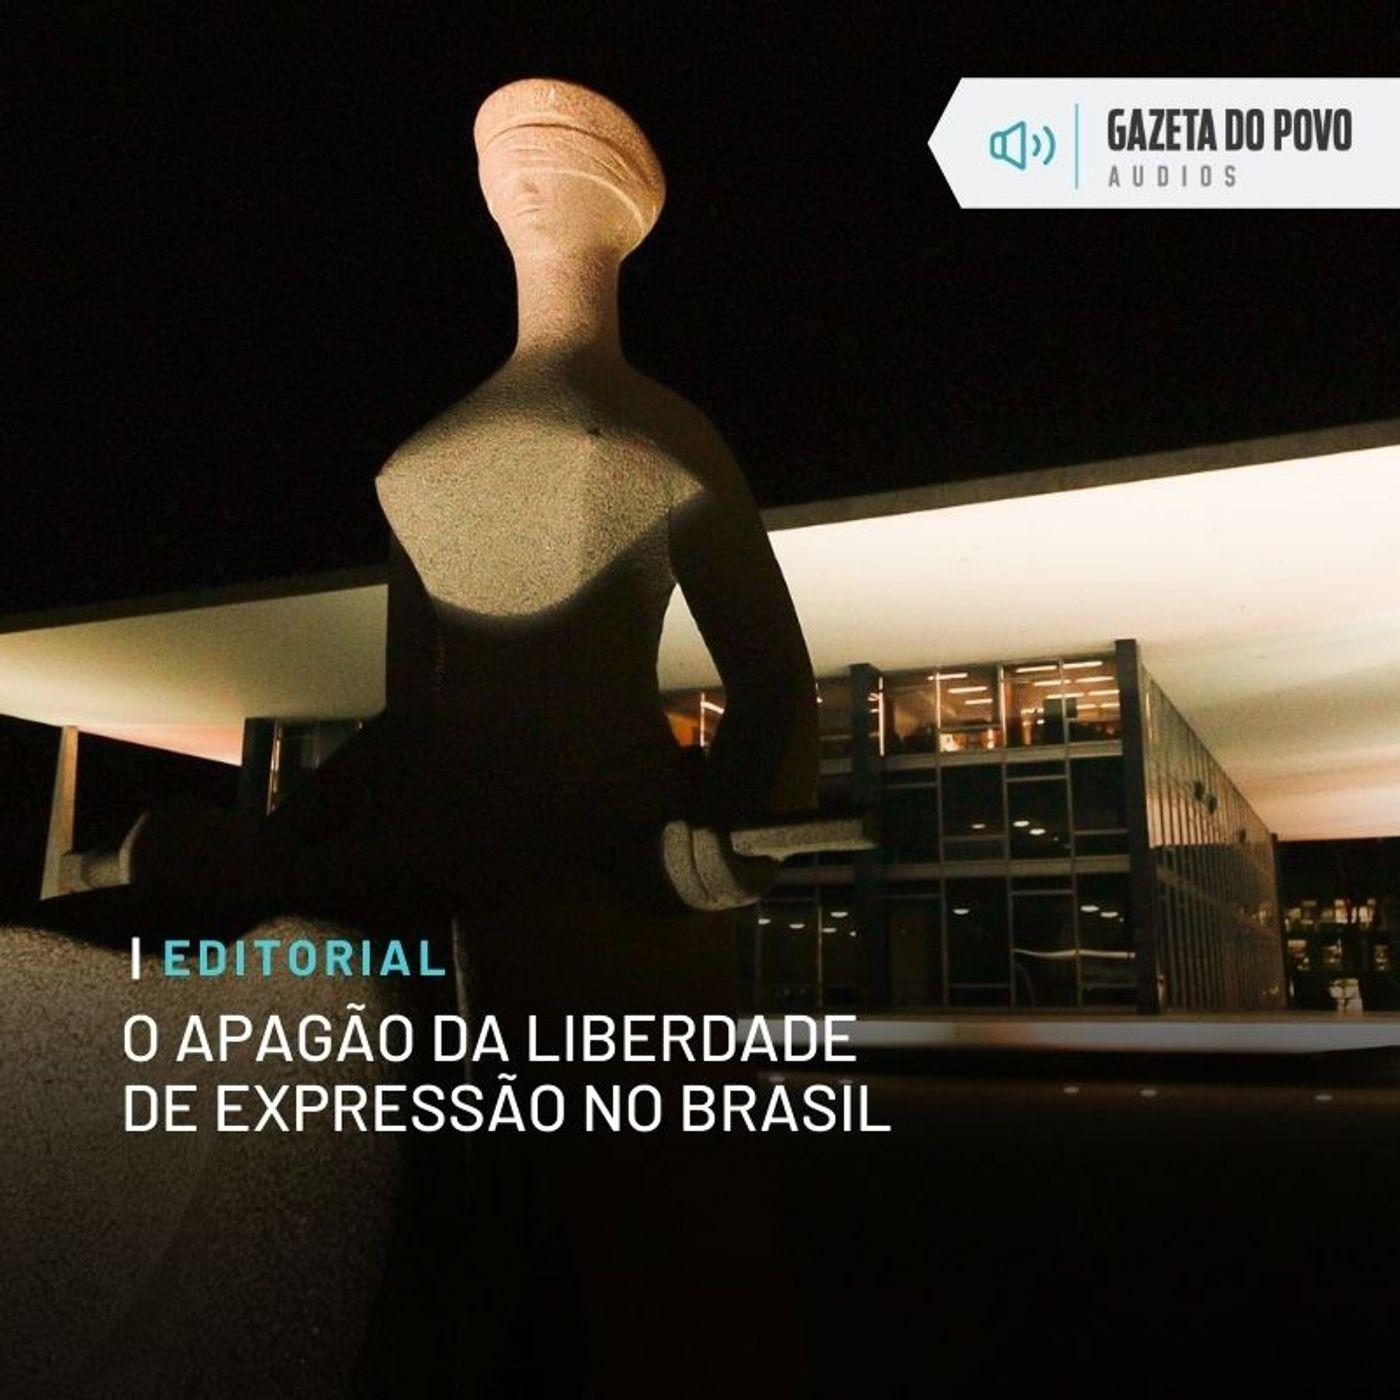 Editorial - O apagão da liberdade de expressão no Brasil